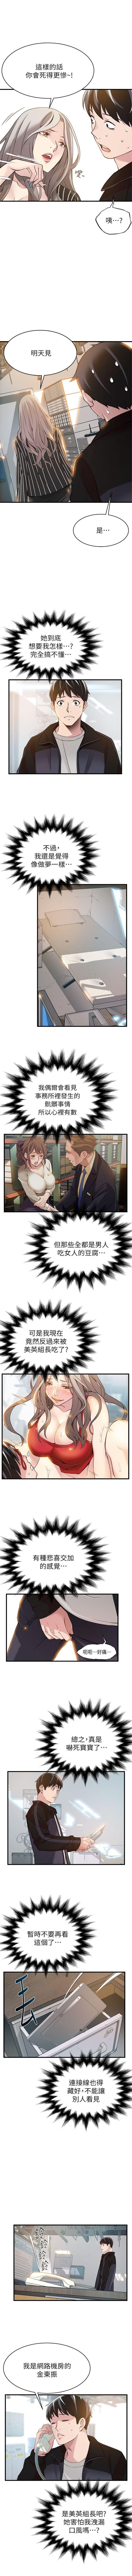 (周7)弱点 1-66 中文翻译(更新中) 27